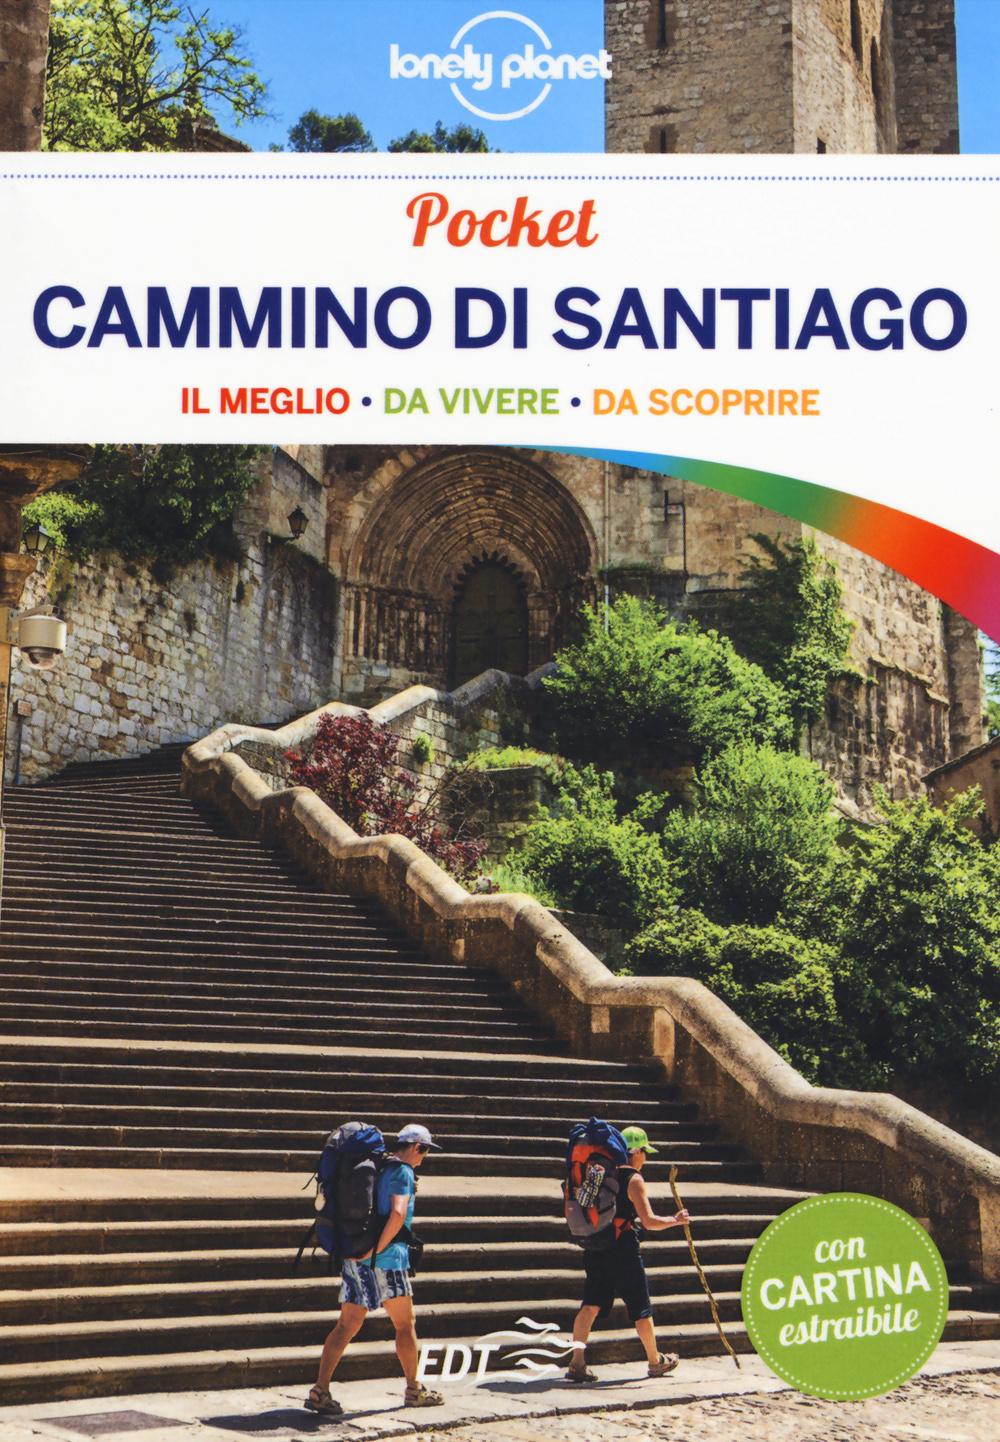 CAMMINO DI SANTIAGO. CON CARTINA - 9788859206149